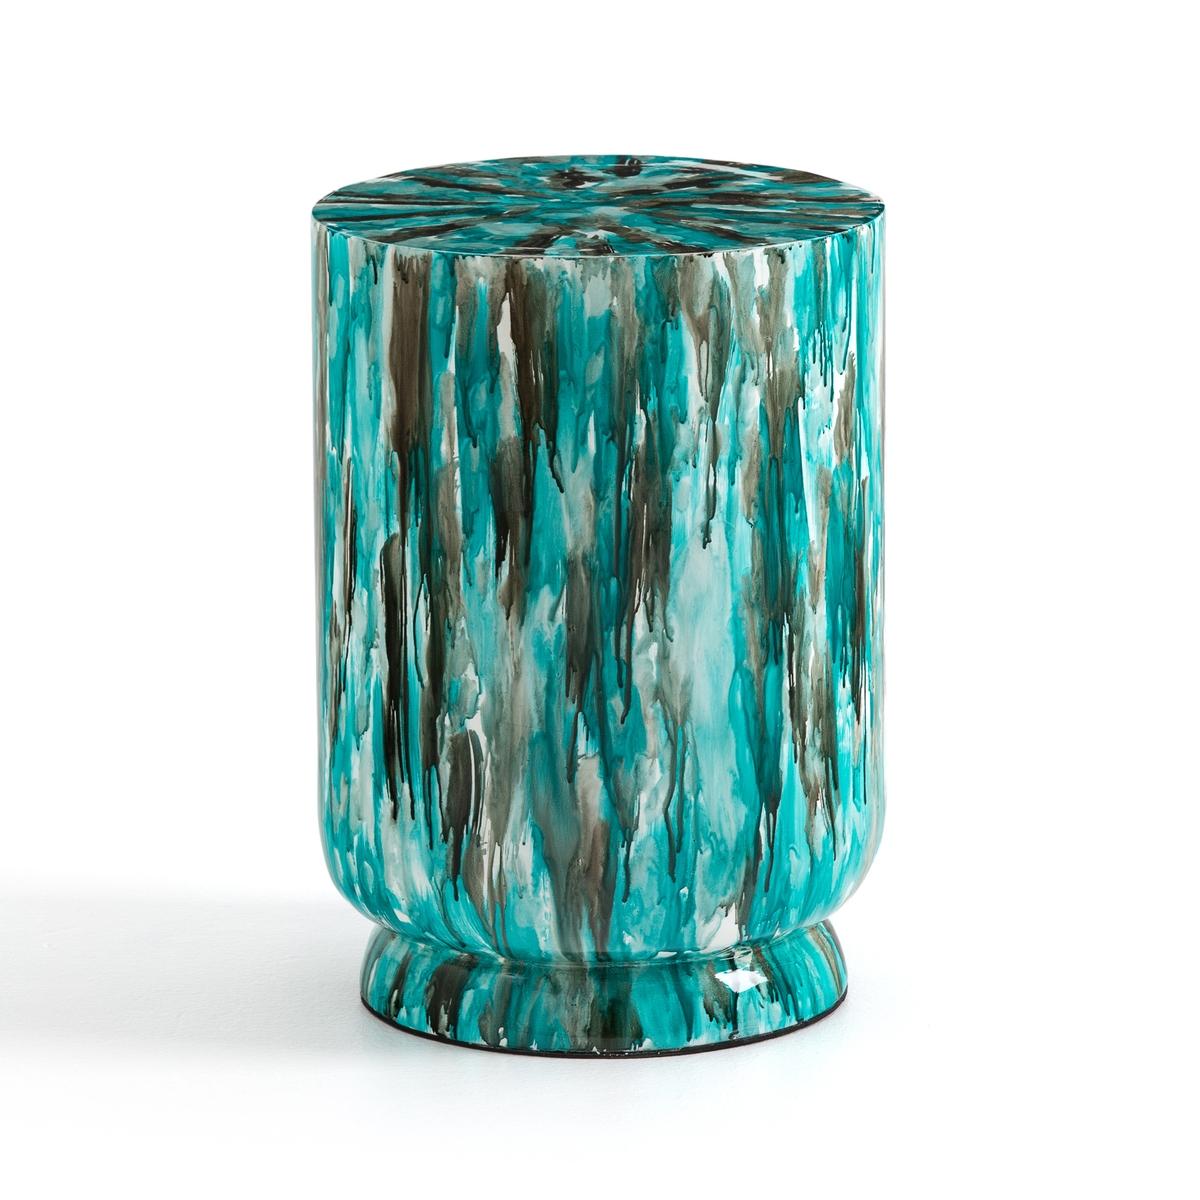 Журнальный La Redoute Столик из лакированного бамбука Rilke единый размер синий столик диванный из бамбука quesada